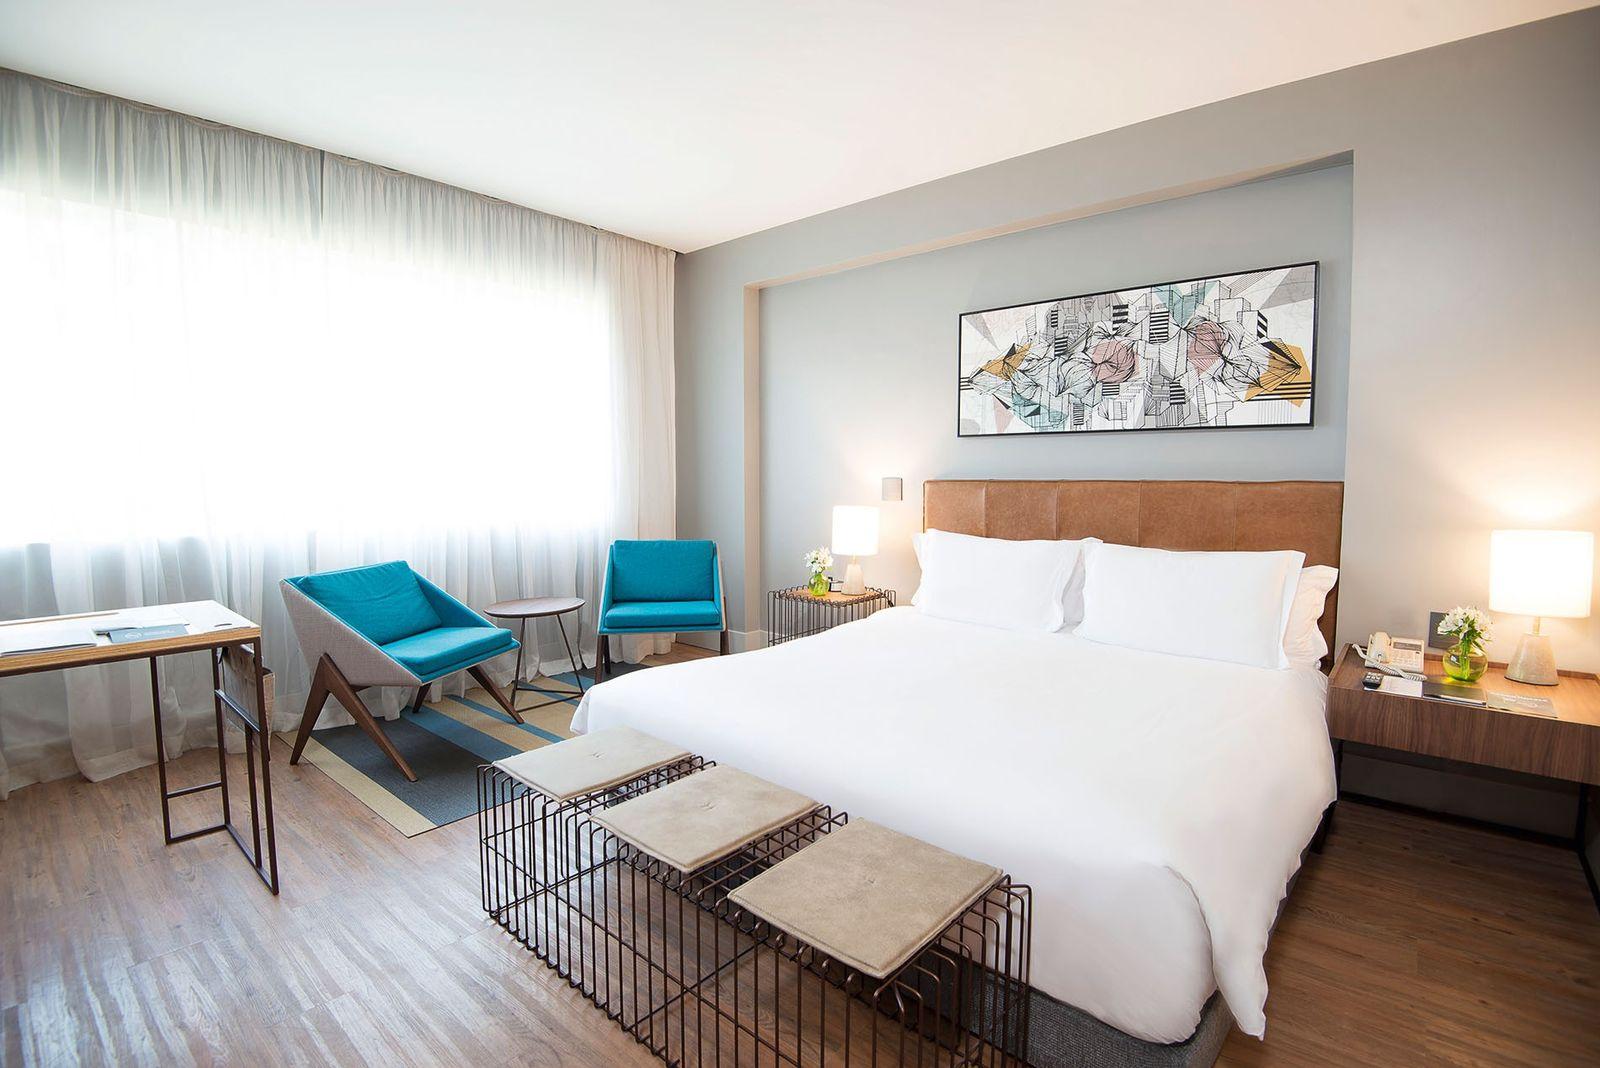 Bedroom at Pullman São Paulo Vila Olimpia.